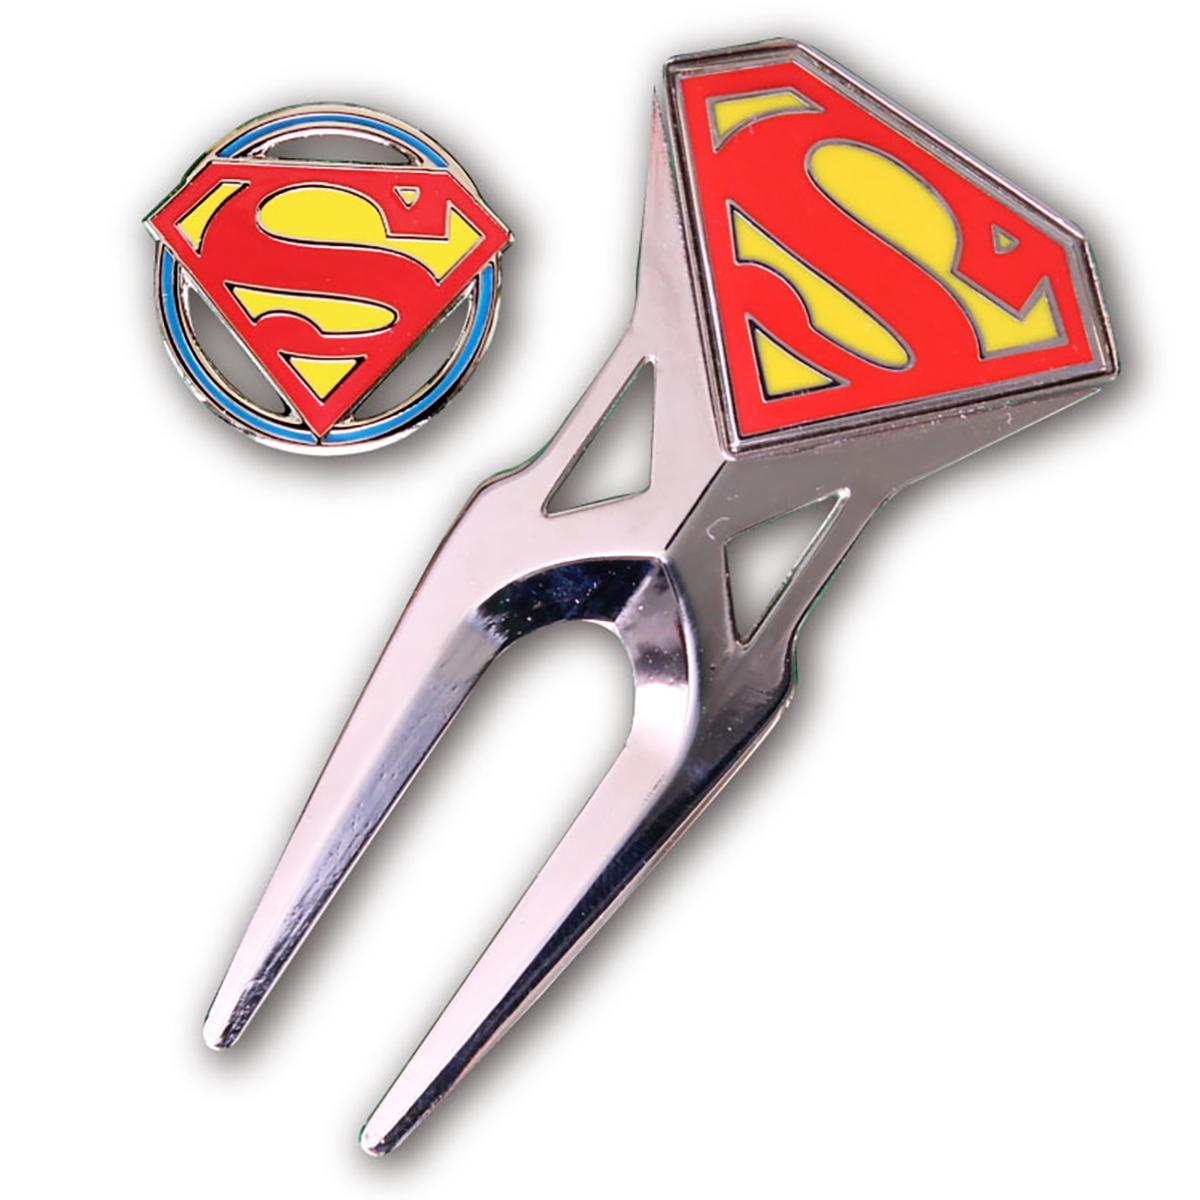 スーパーマン グリーンフォーク&マーカー